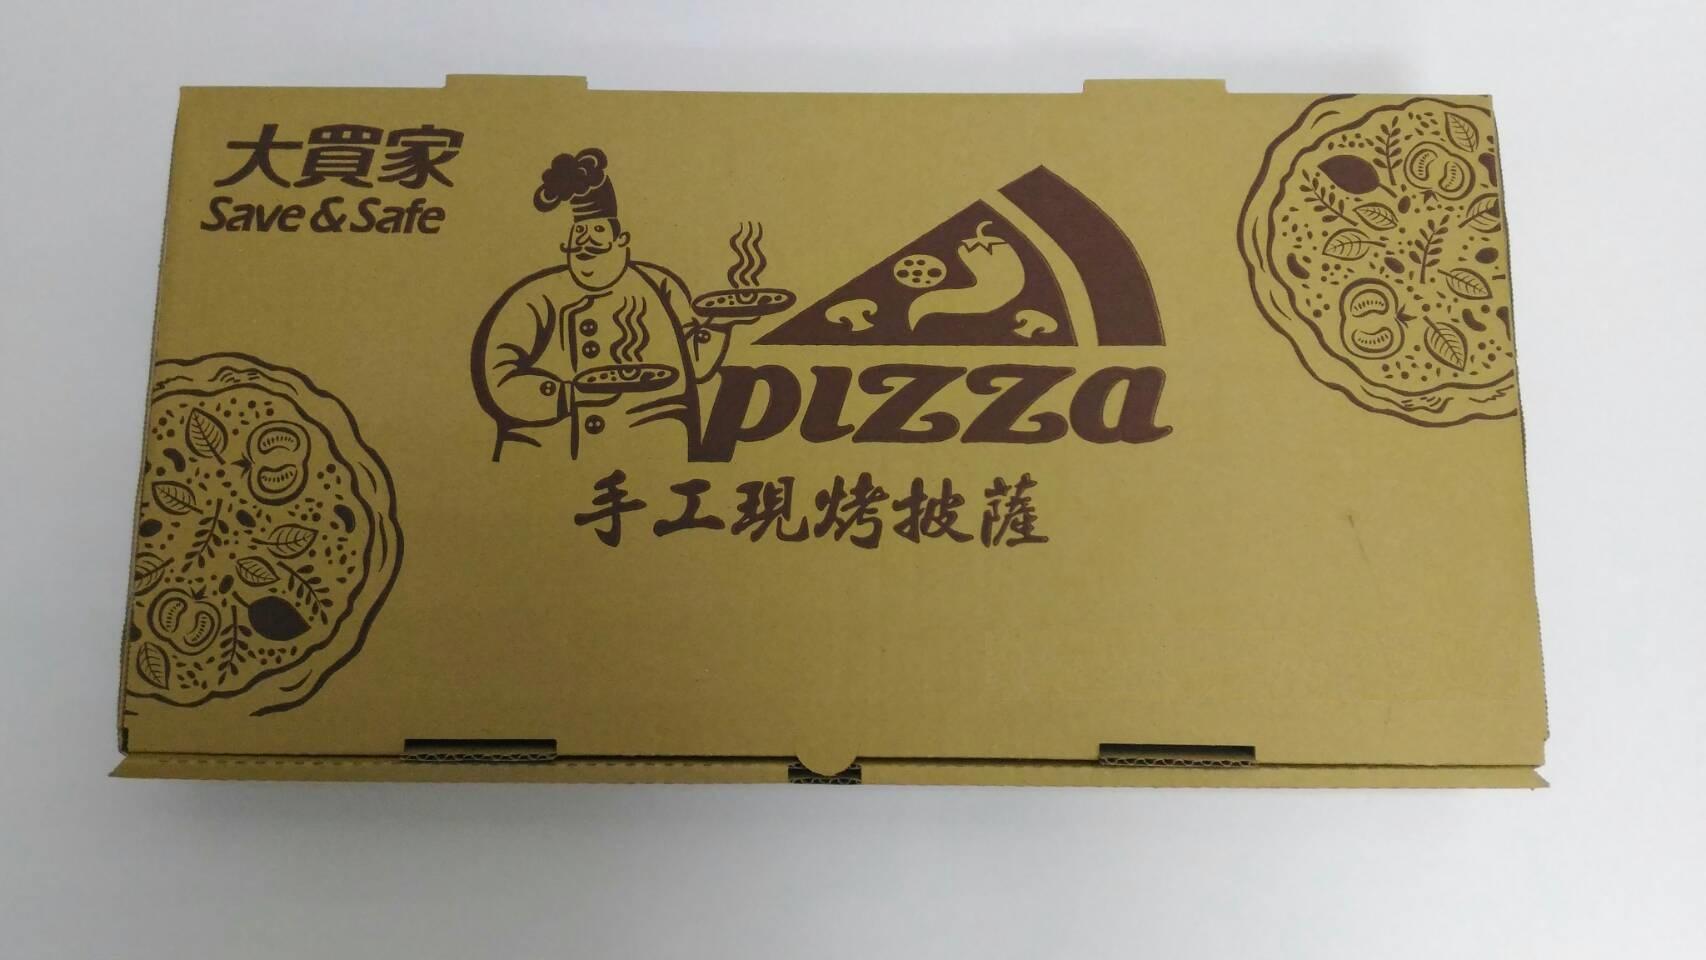 18吋 Pizza 魔術盒 大變小